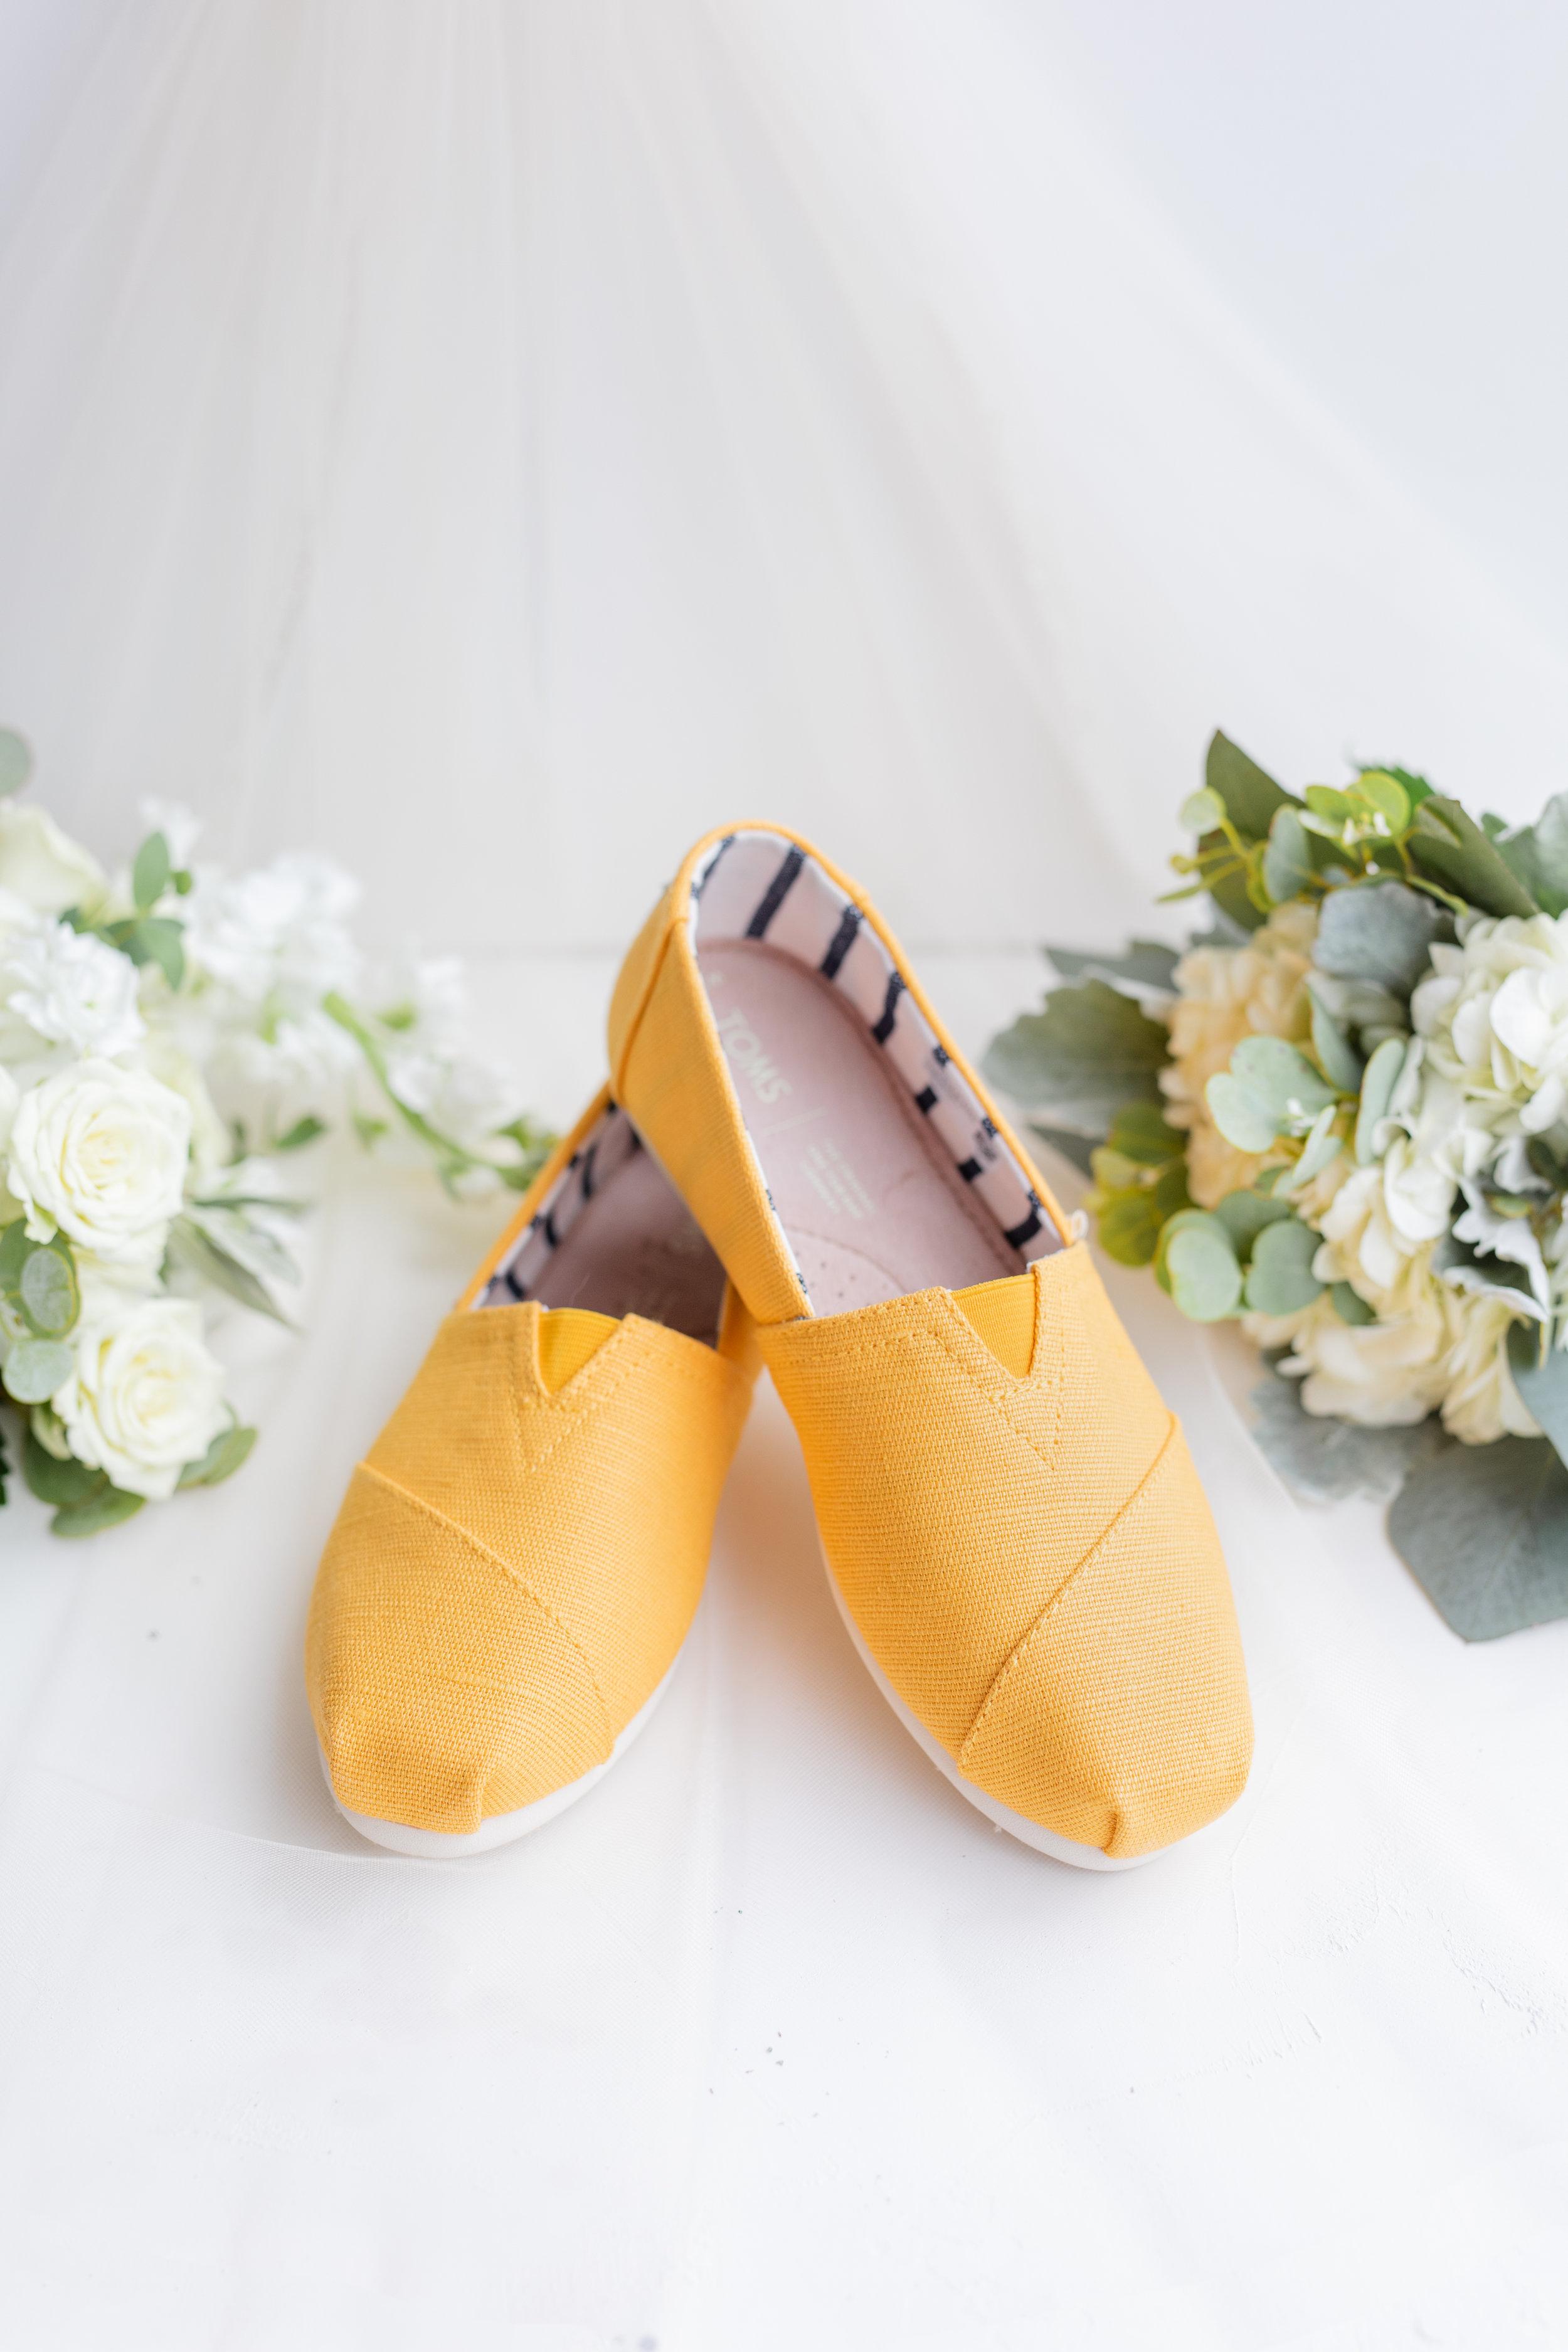 YellowTomWeddingShoes